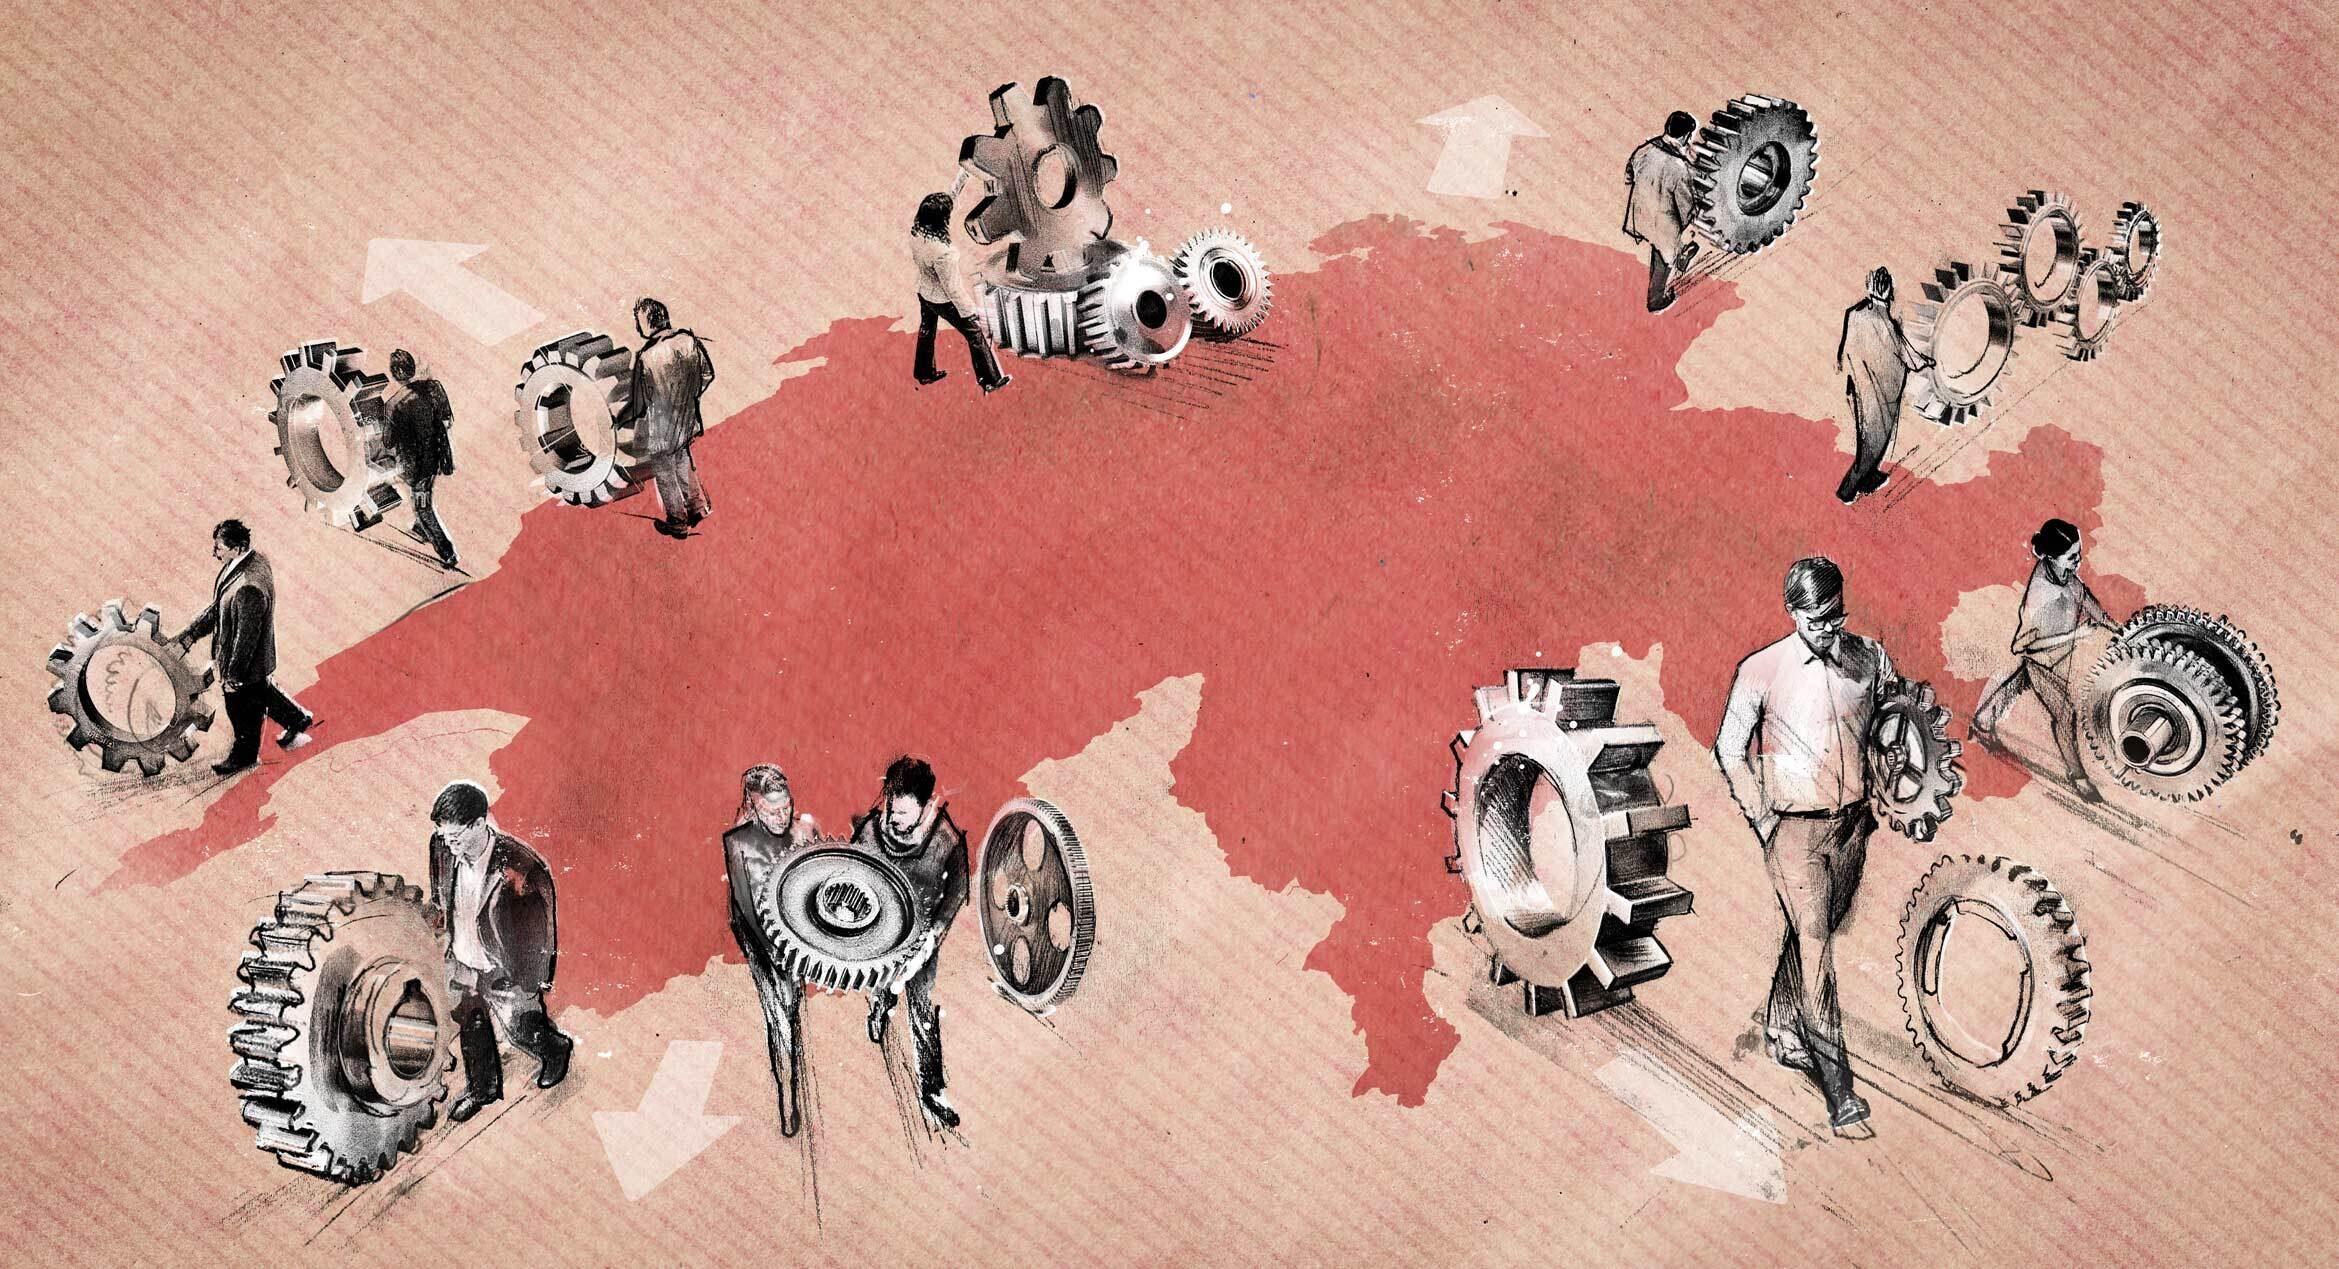 Entindustrialisierung schweiz export editorial illustration - Kornel Illustration | Kornel Stadler portfolio